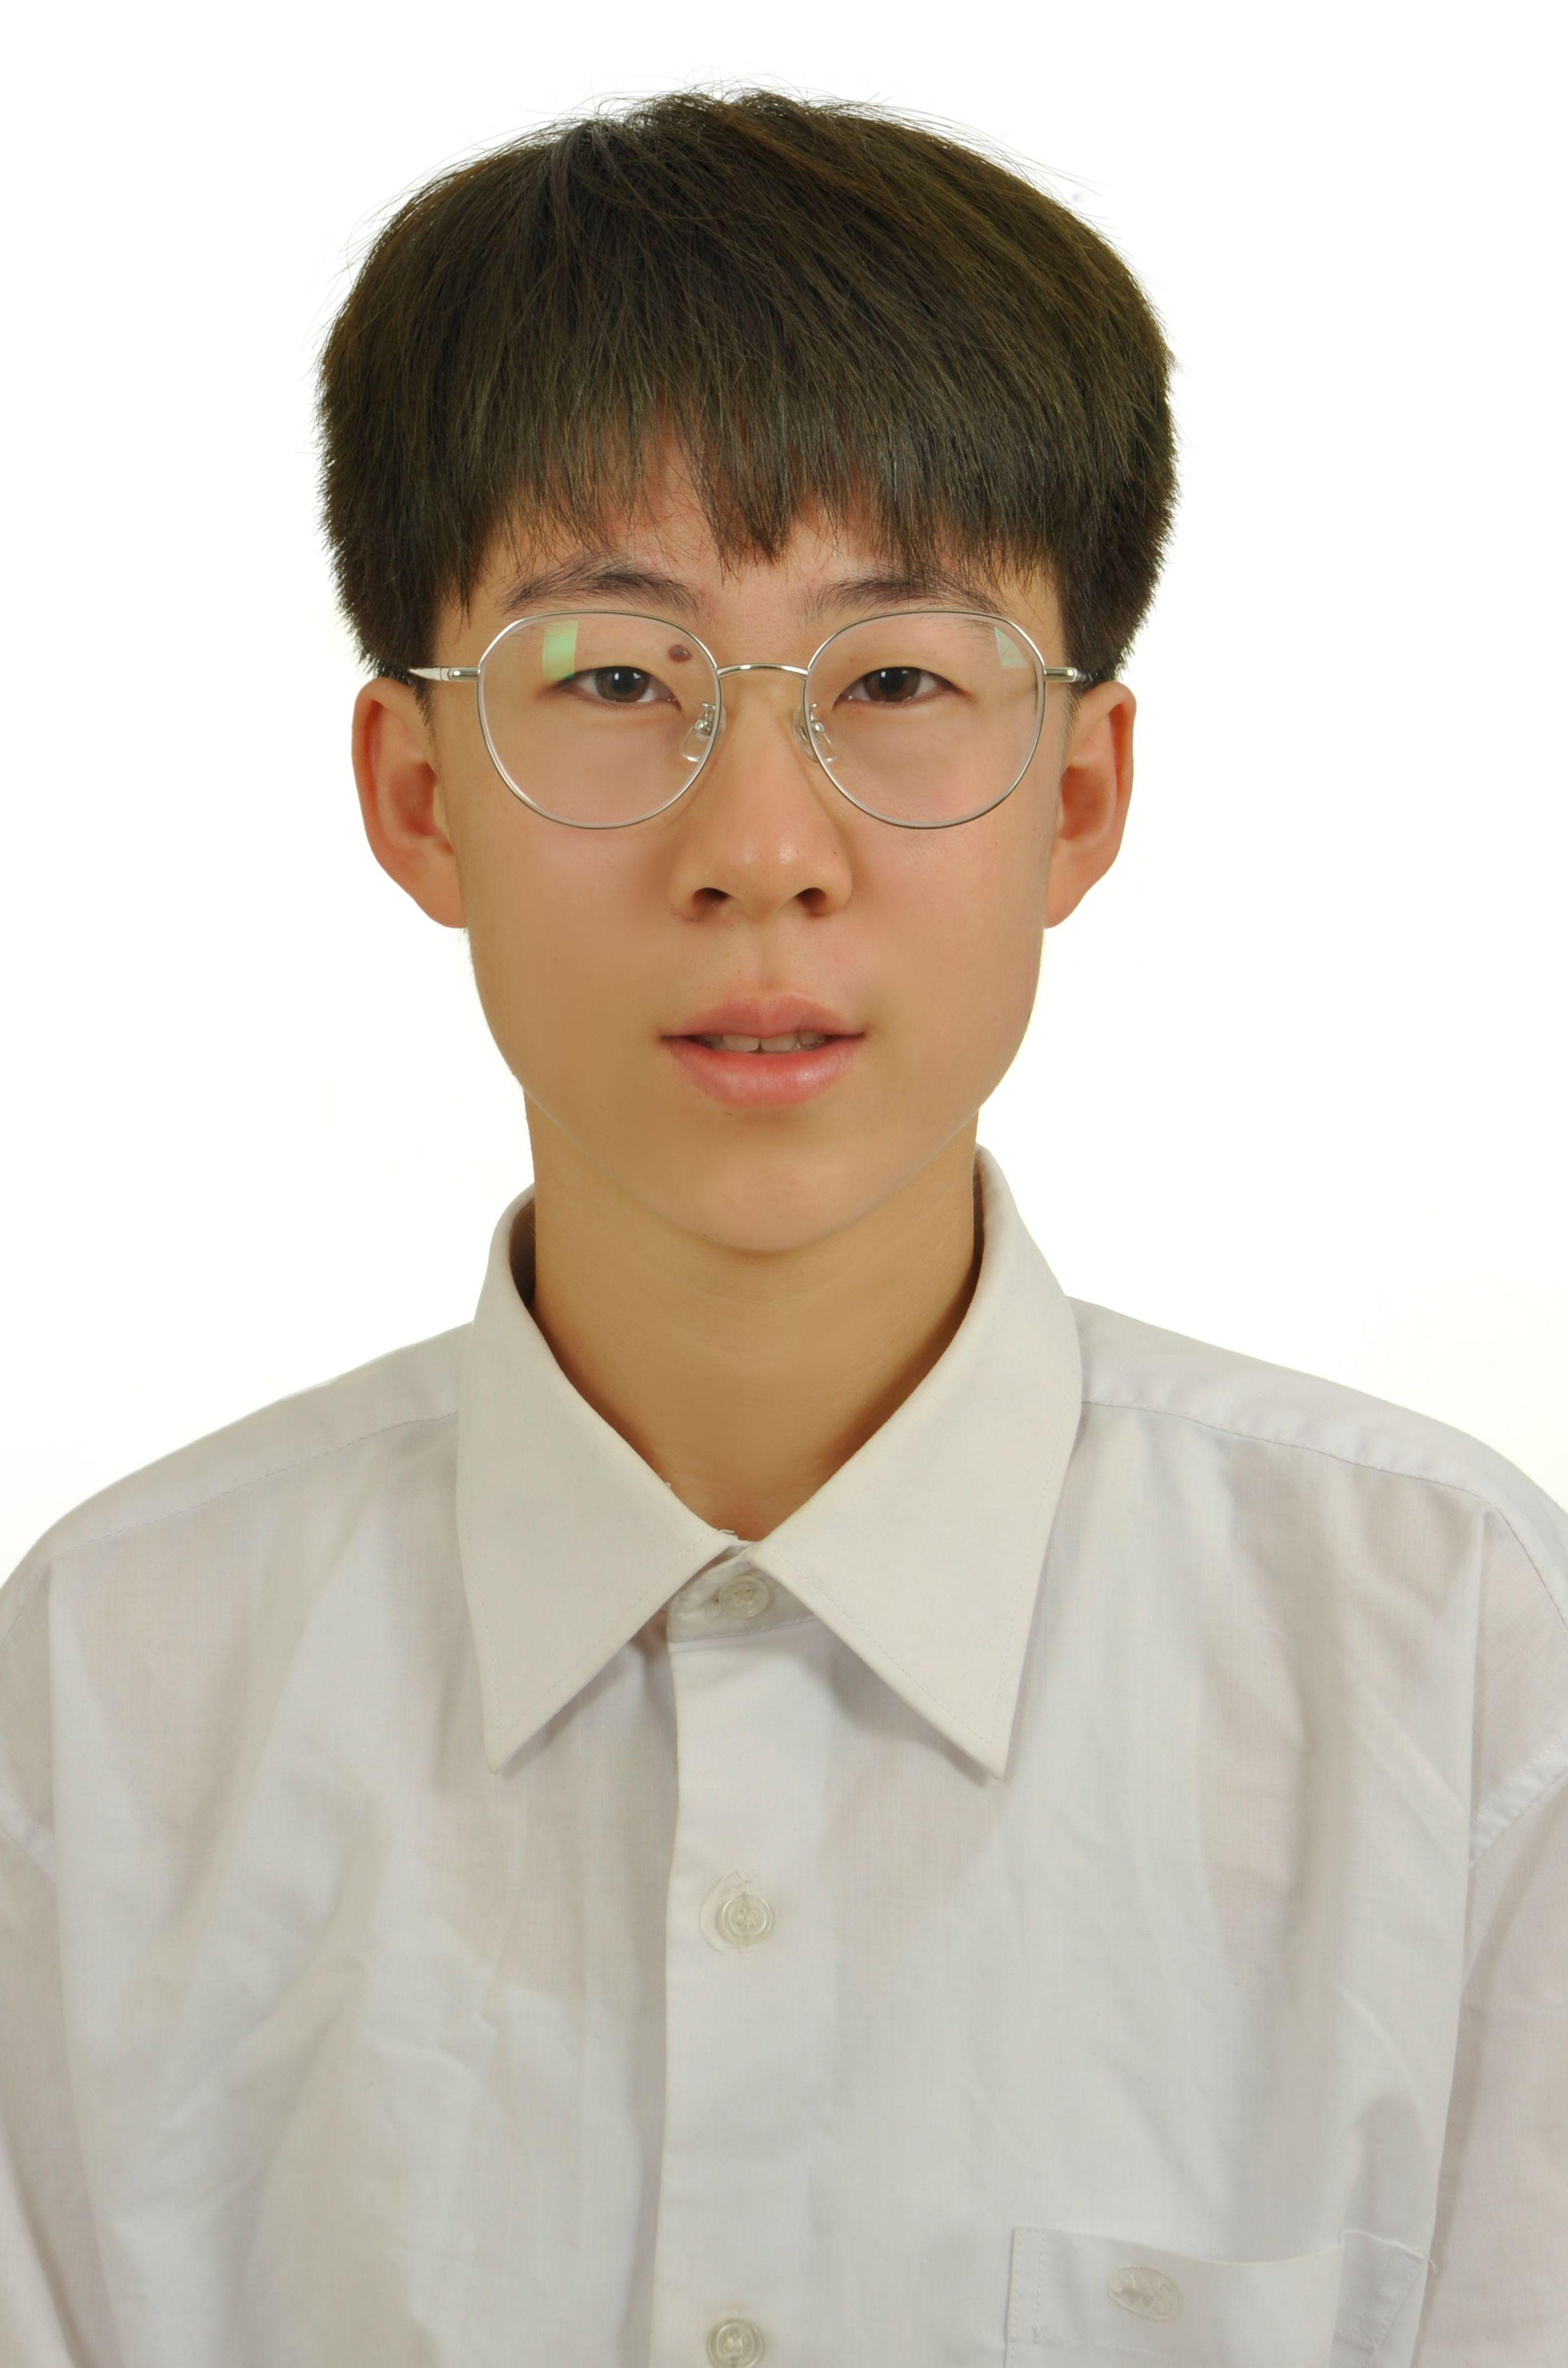 丹东家教周教员